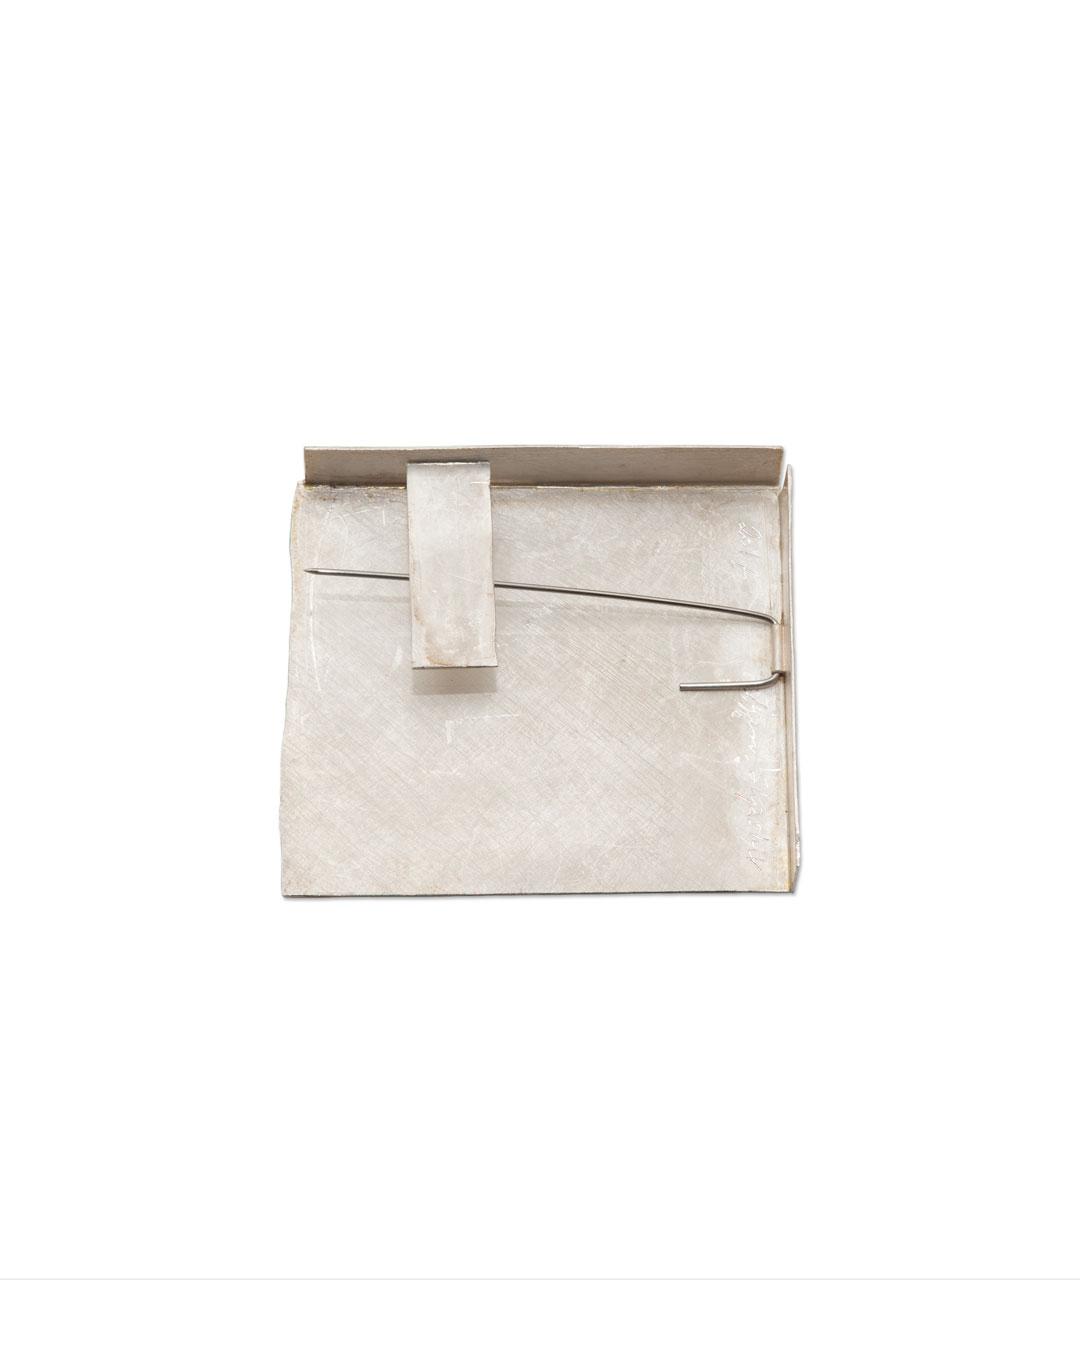 Noam Elyashiv, Corner, 2017, brooch; reclaimed silver, steel, 44 x 38 x 6 mm, €1350